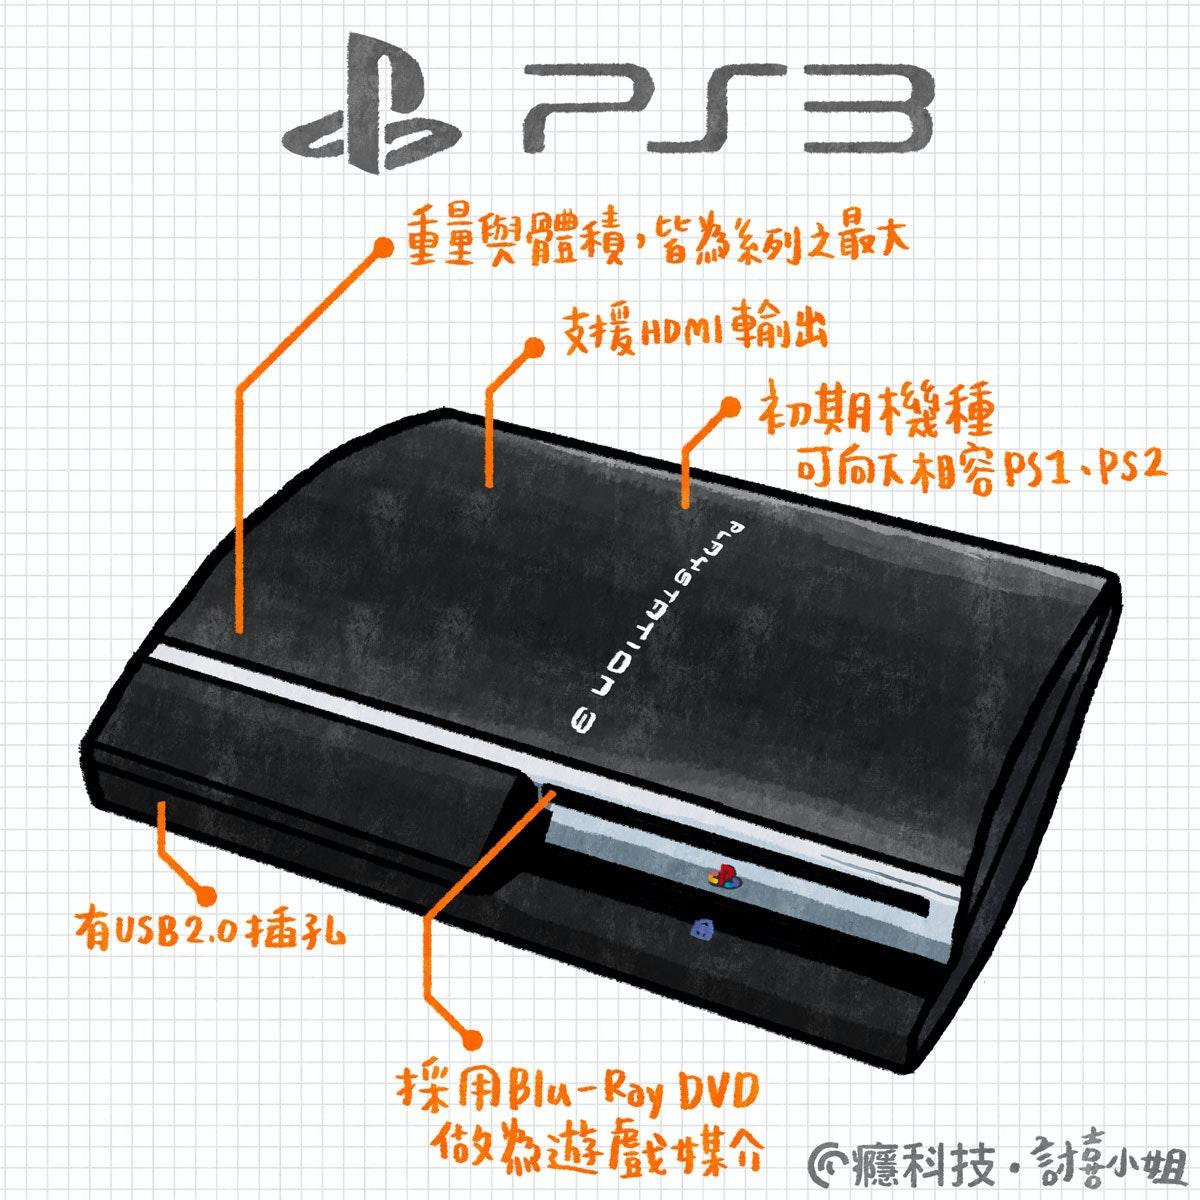 是[經典技研堂]揹著榮光開拓電玩新視野的次世代主機:PlayStation 3這篇文章的首圖